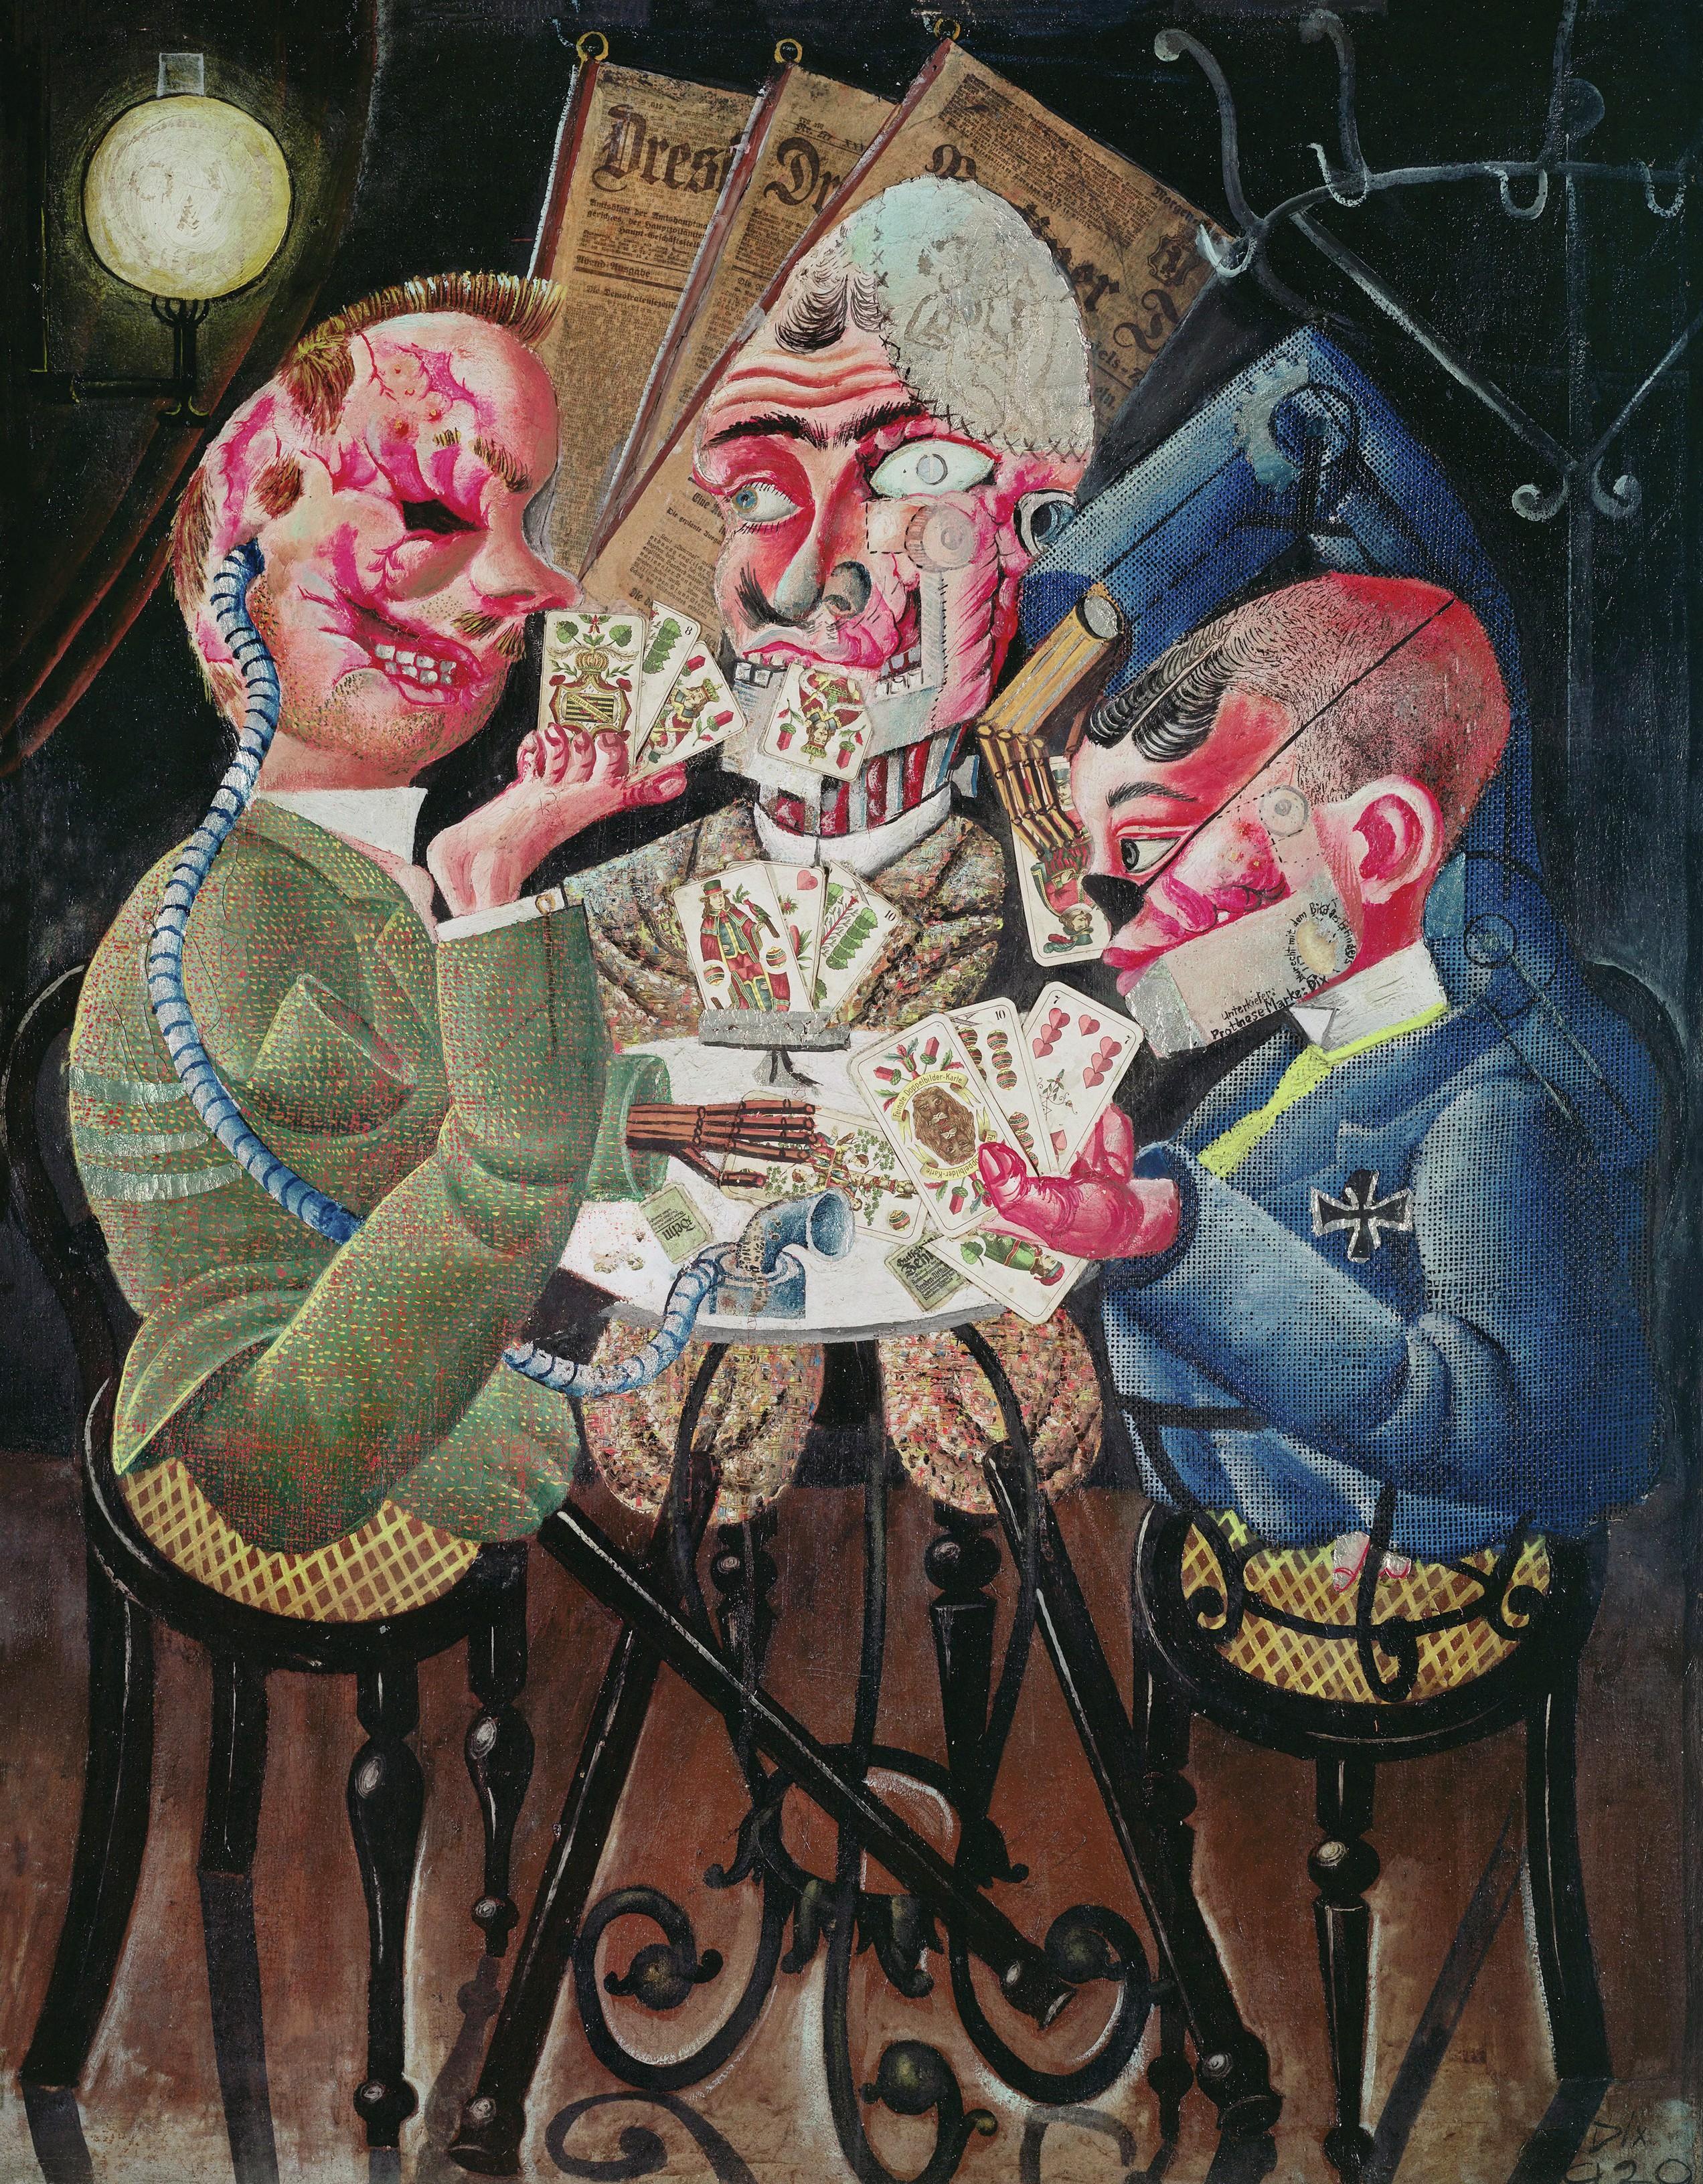 Otto Dix, Les joueurs de skat, 1920